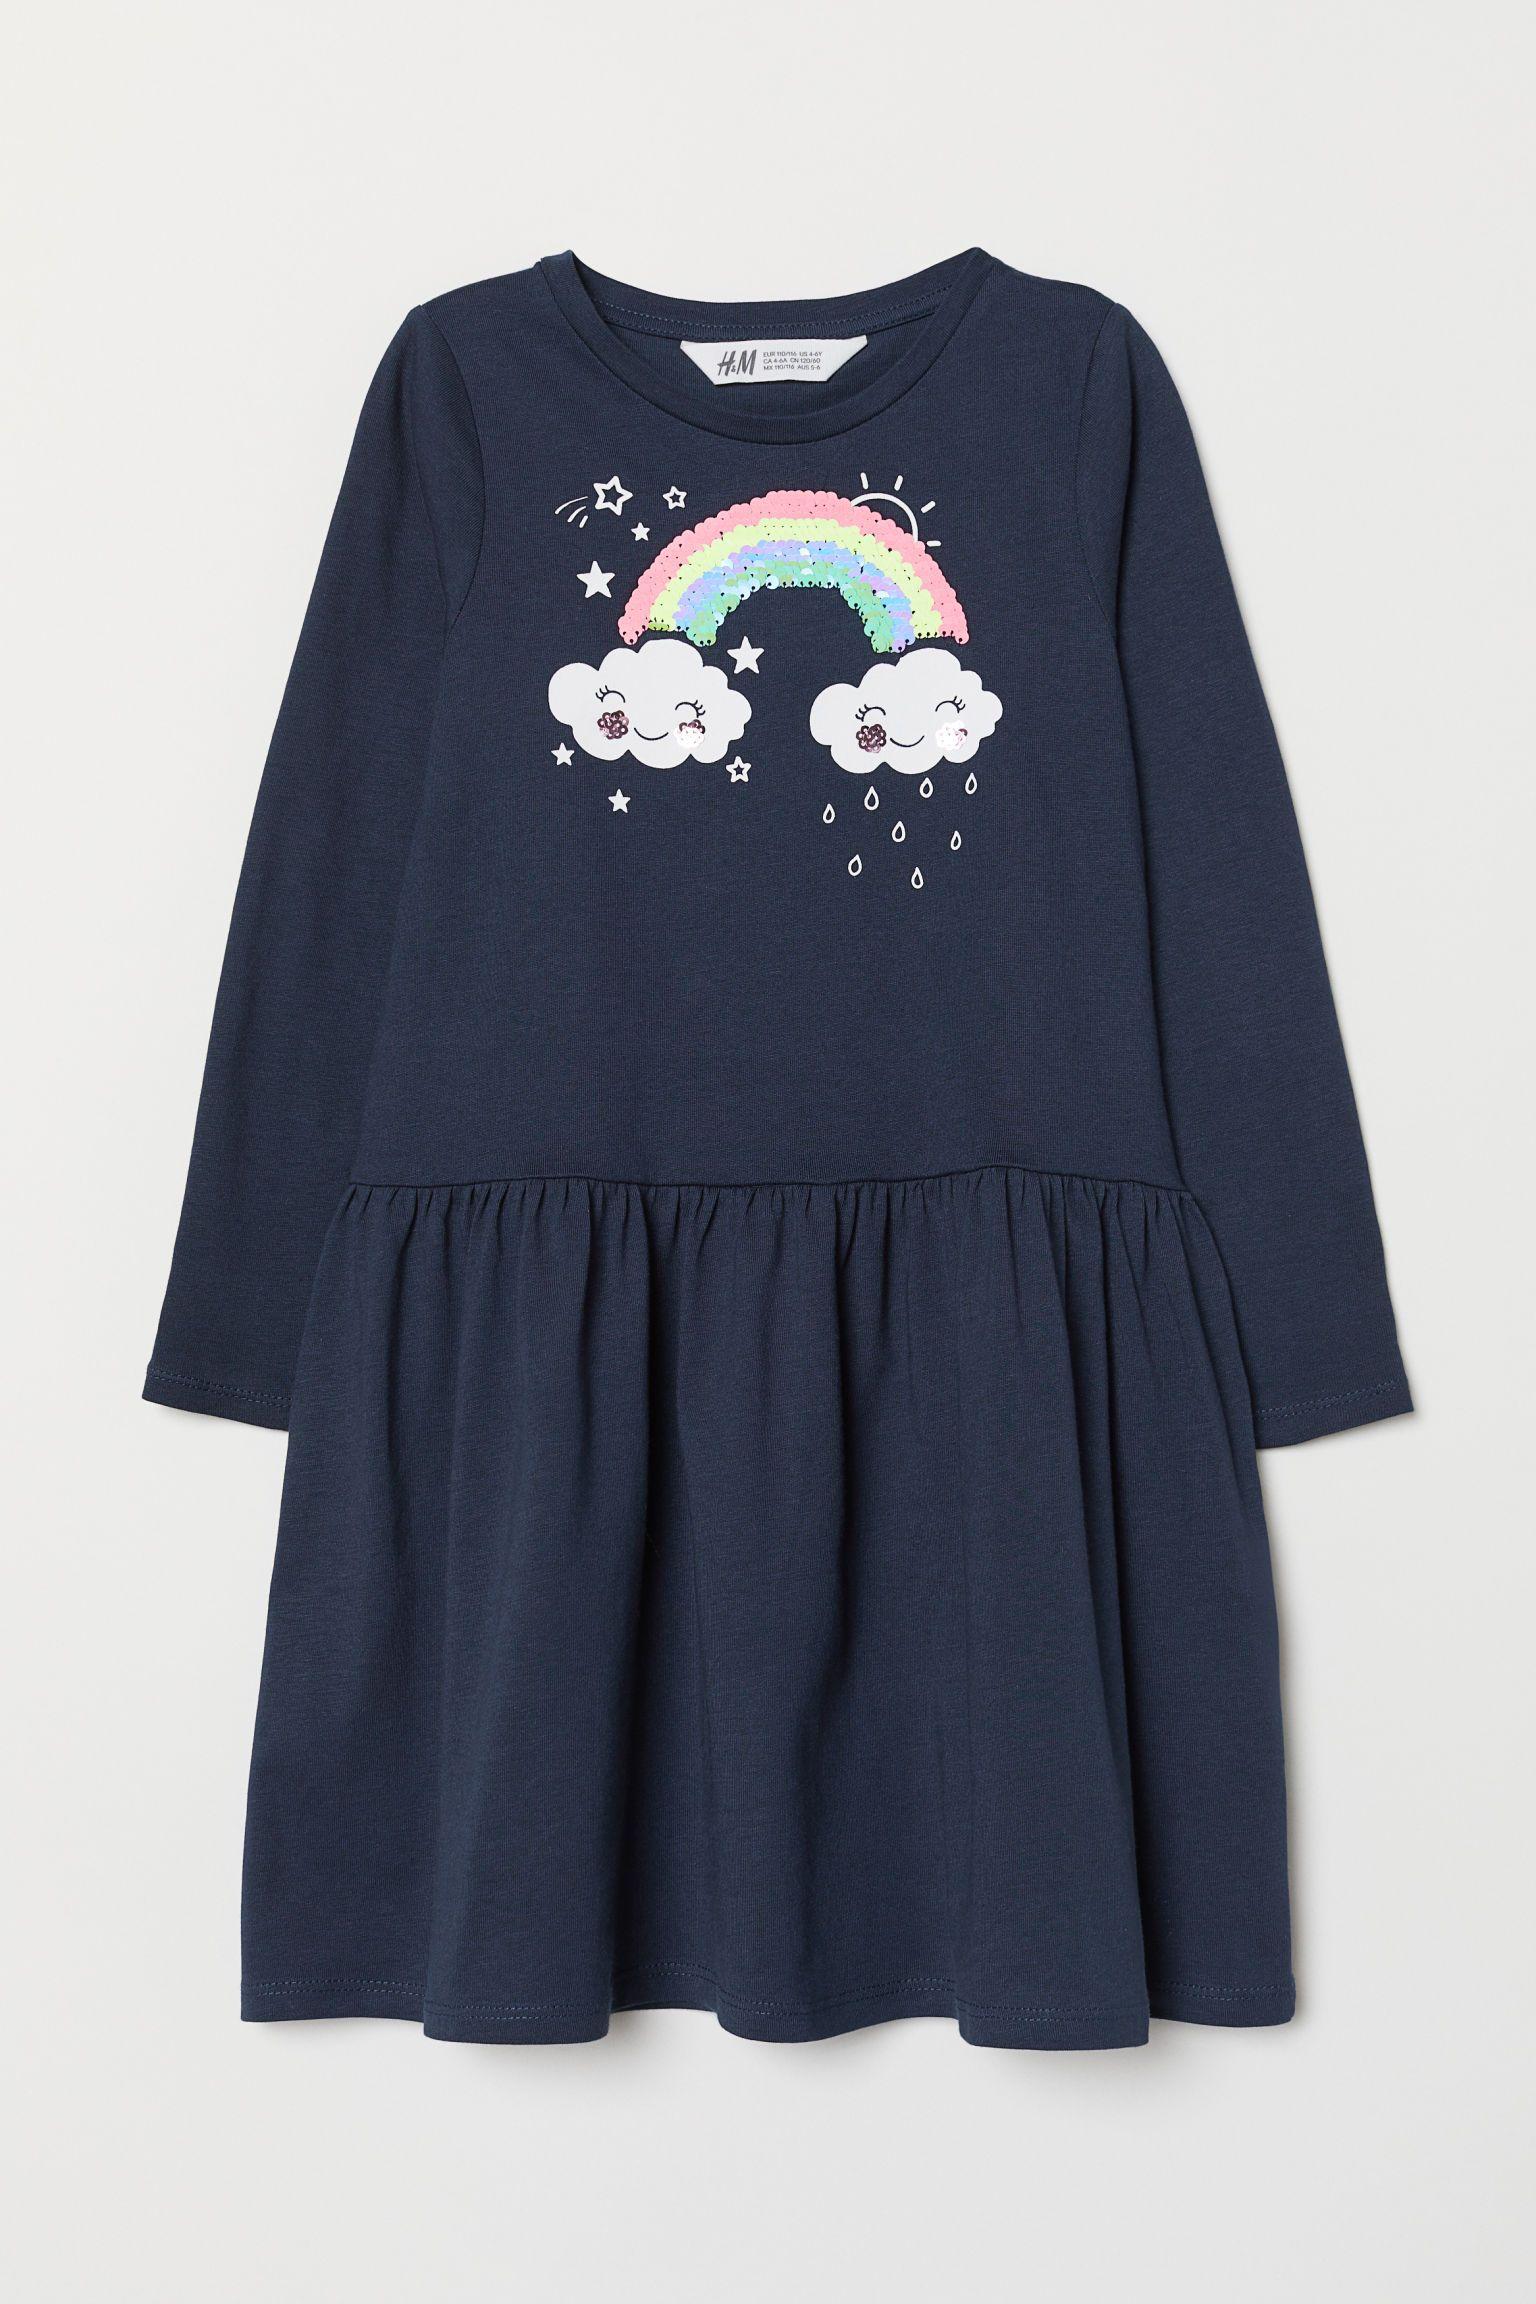 27640e49400a Платье с пайетками | Одежда | Платье с пайетками, Платья и Пайетки